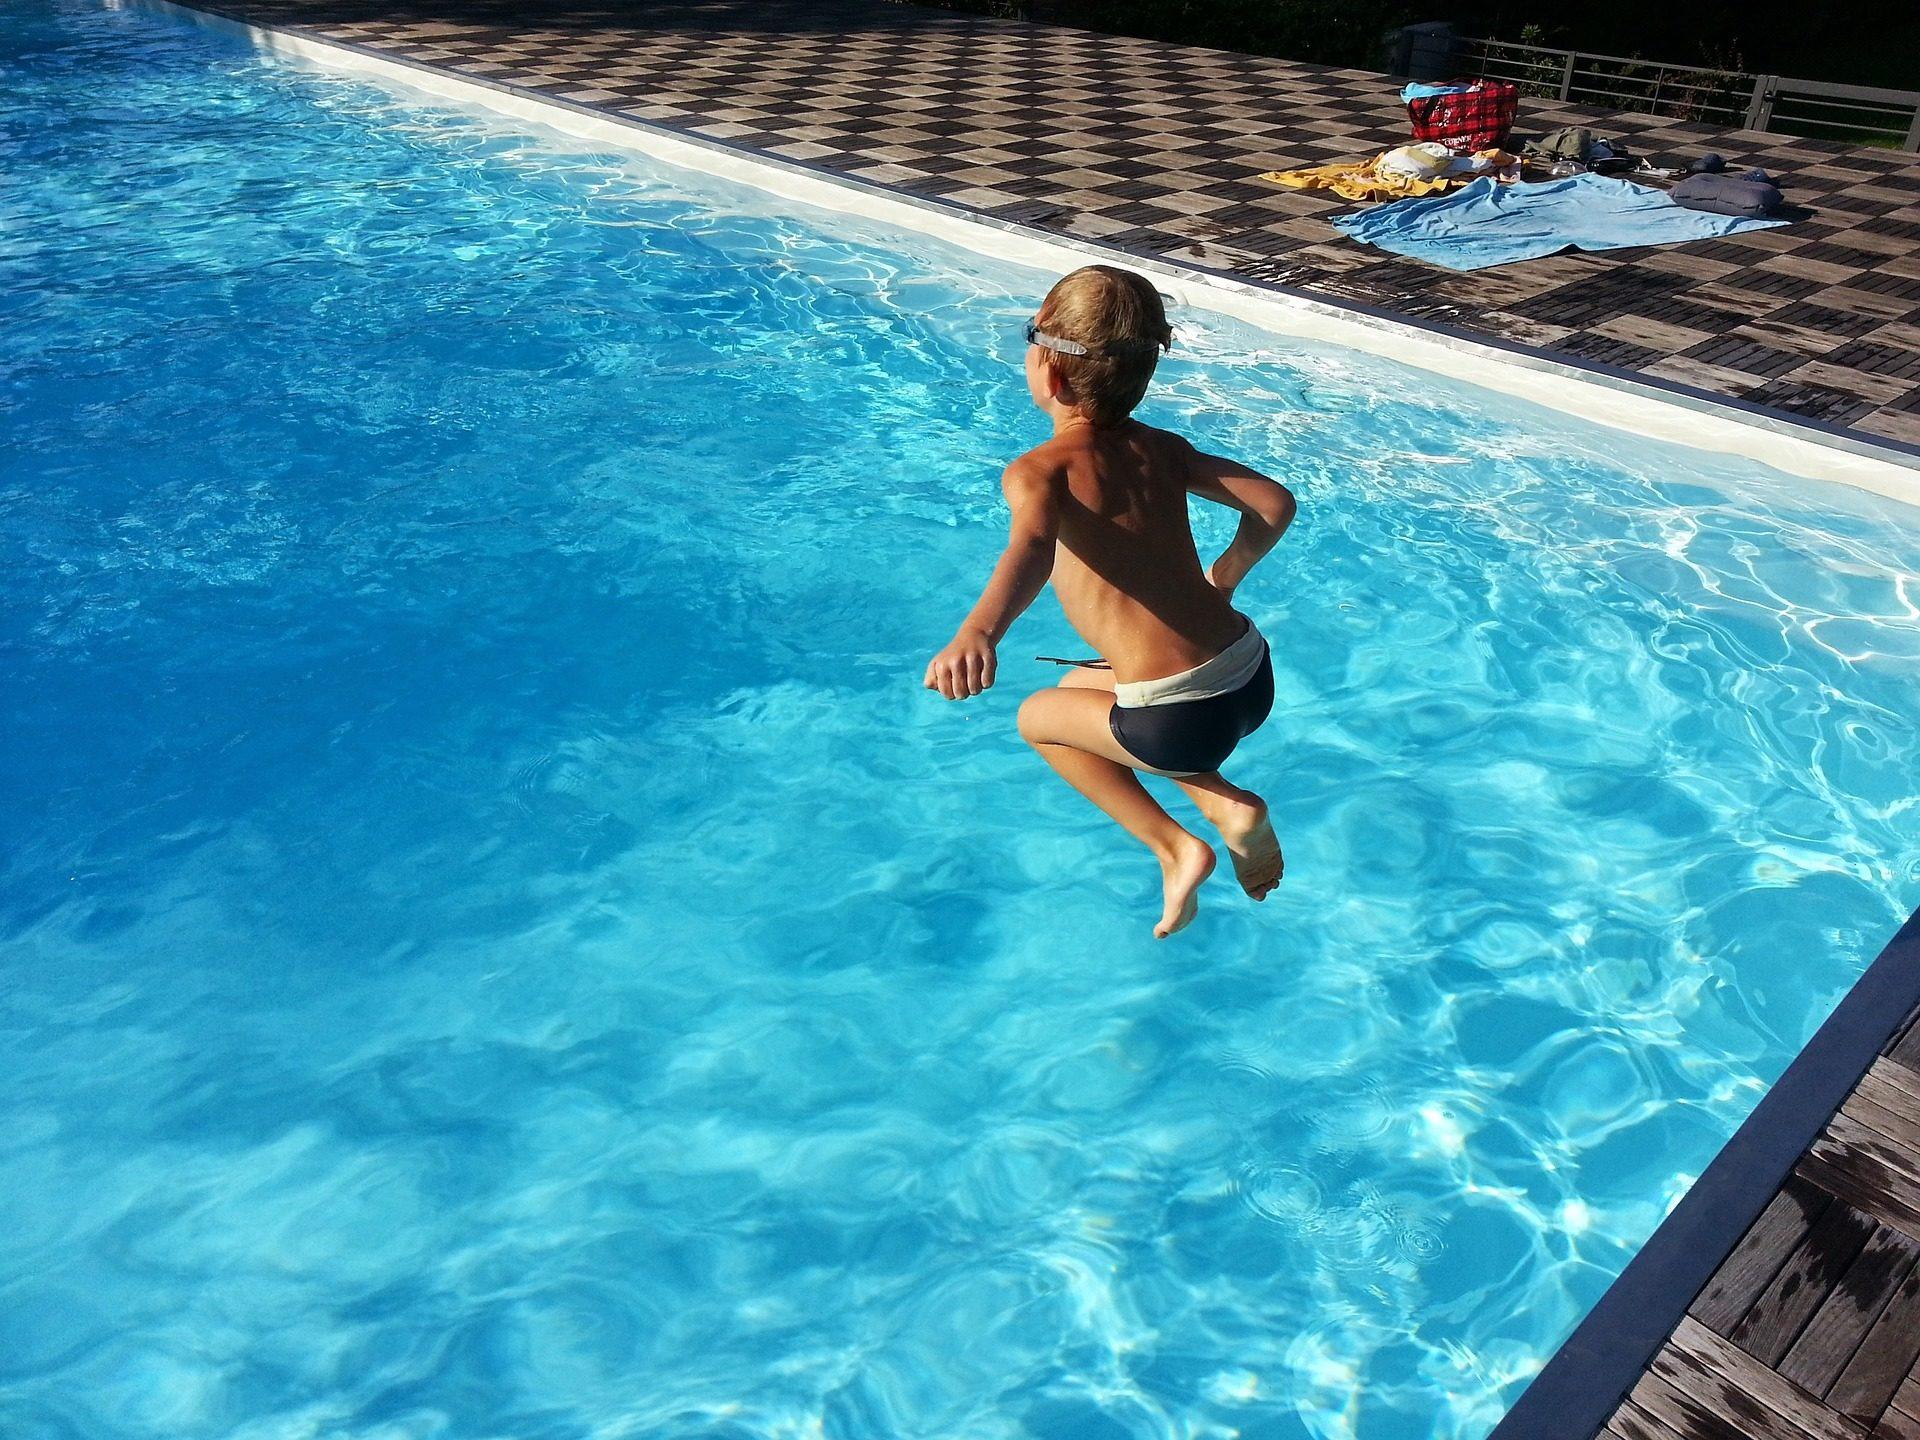 das Bild zeigt einen kleinen Jungen, der in einen Folienpool von Schwimmbad Schall springt